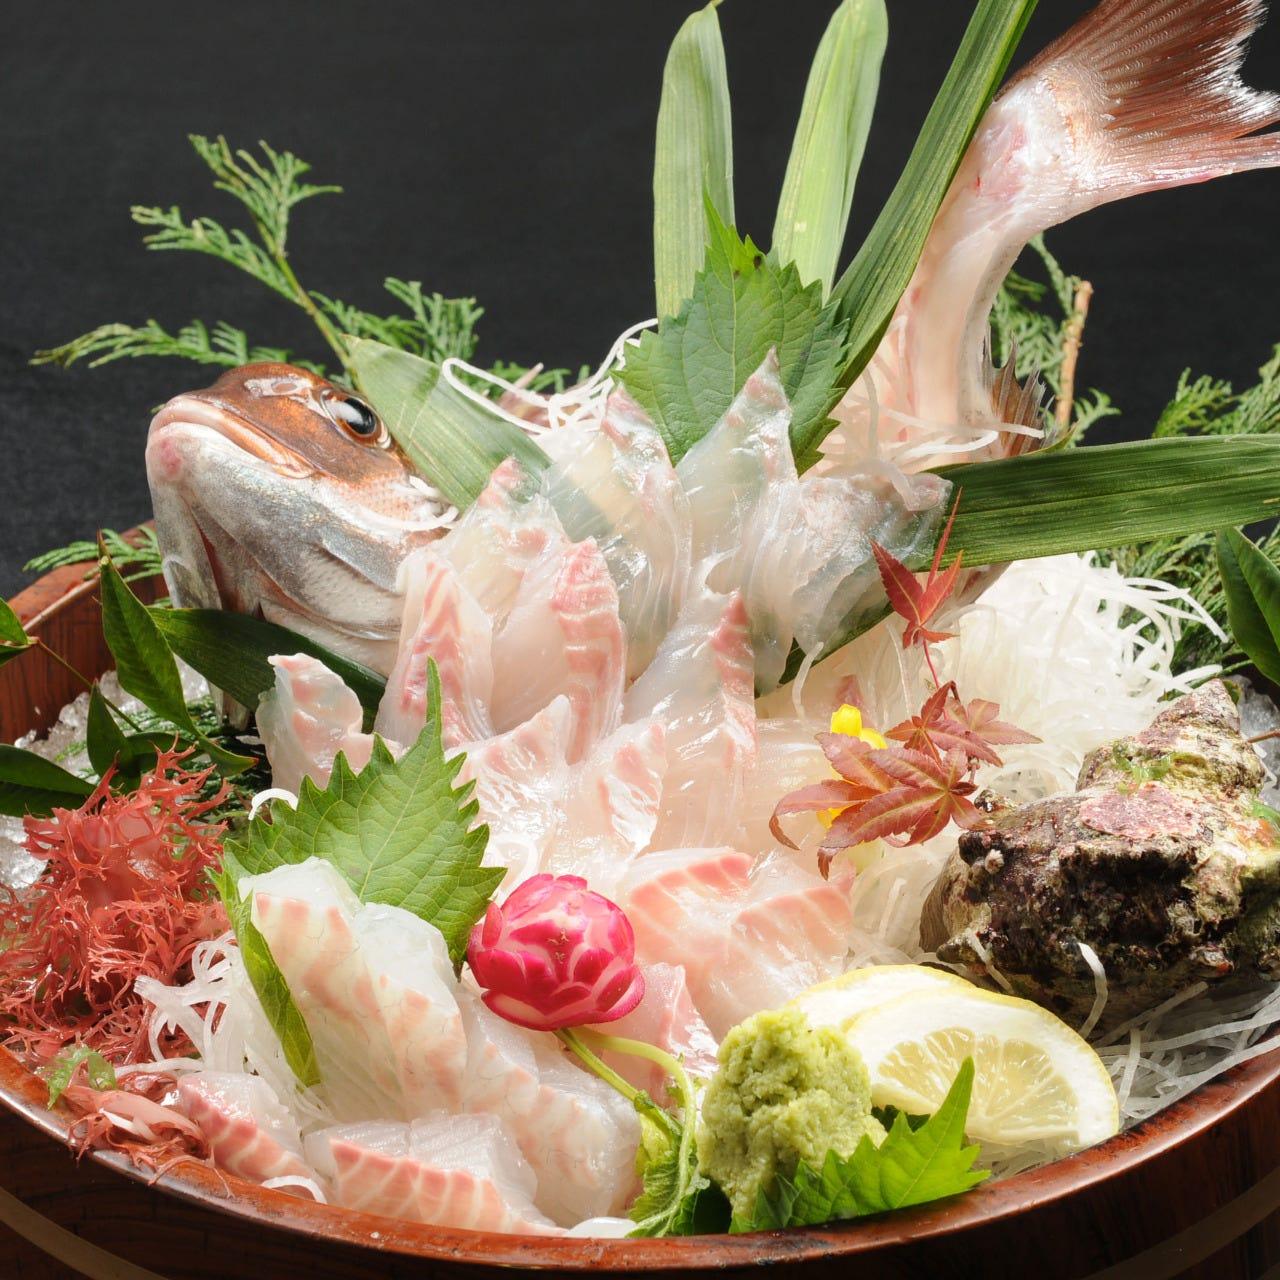 釣ったばかり・調理したての鮮魚